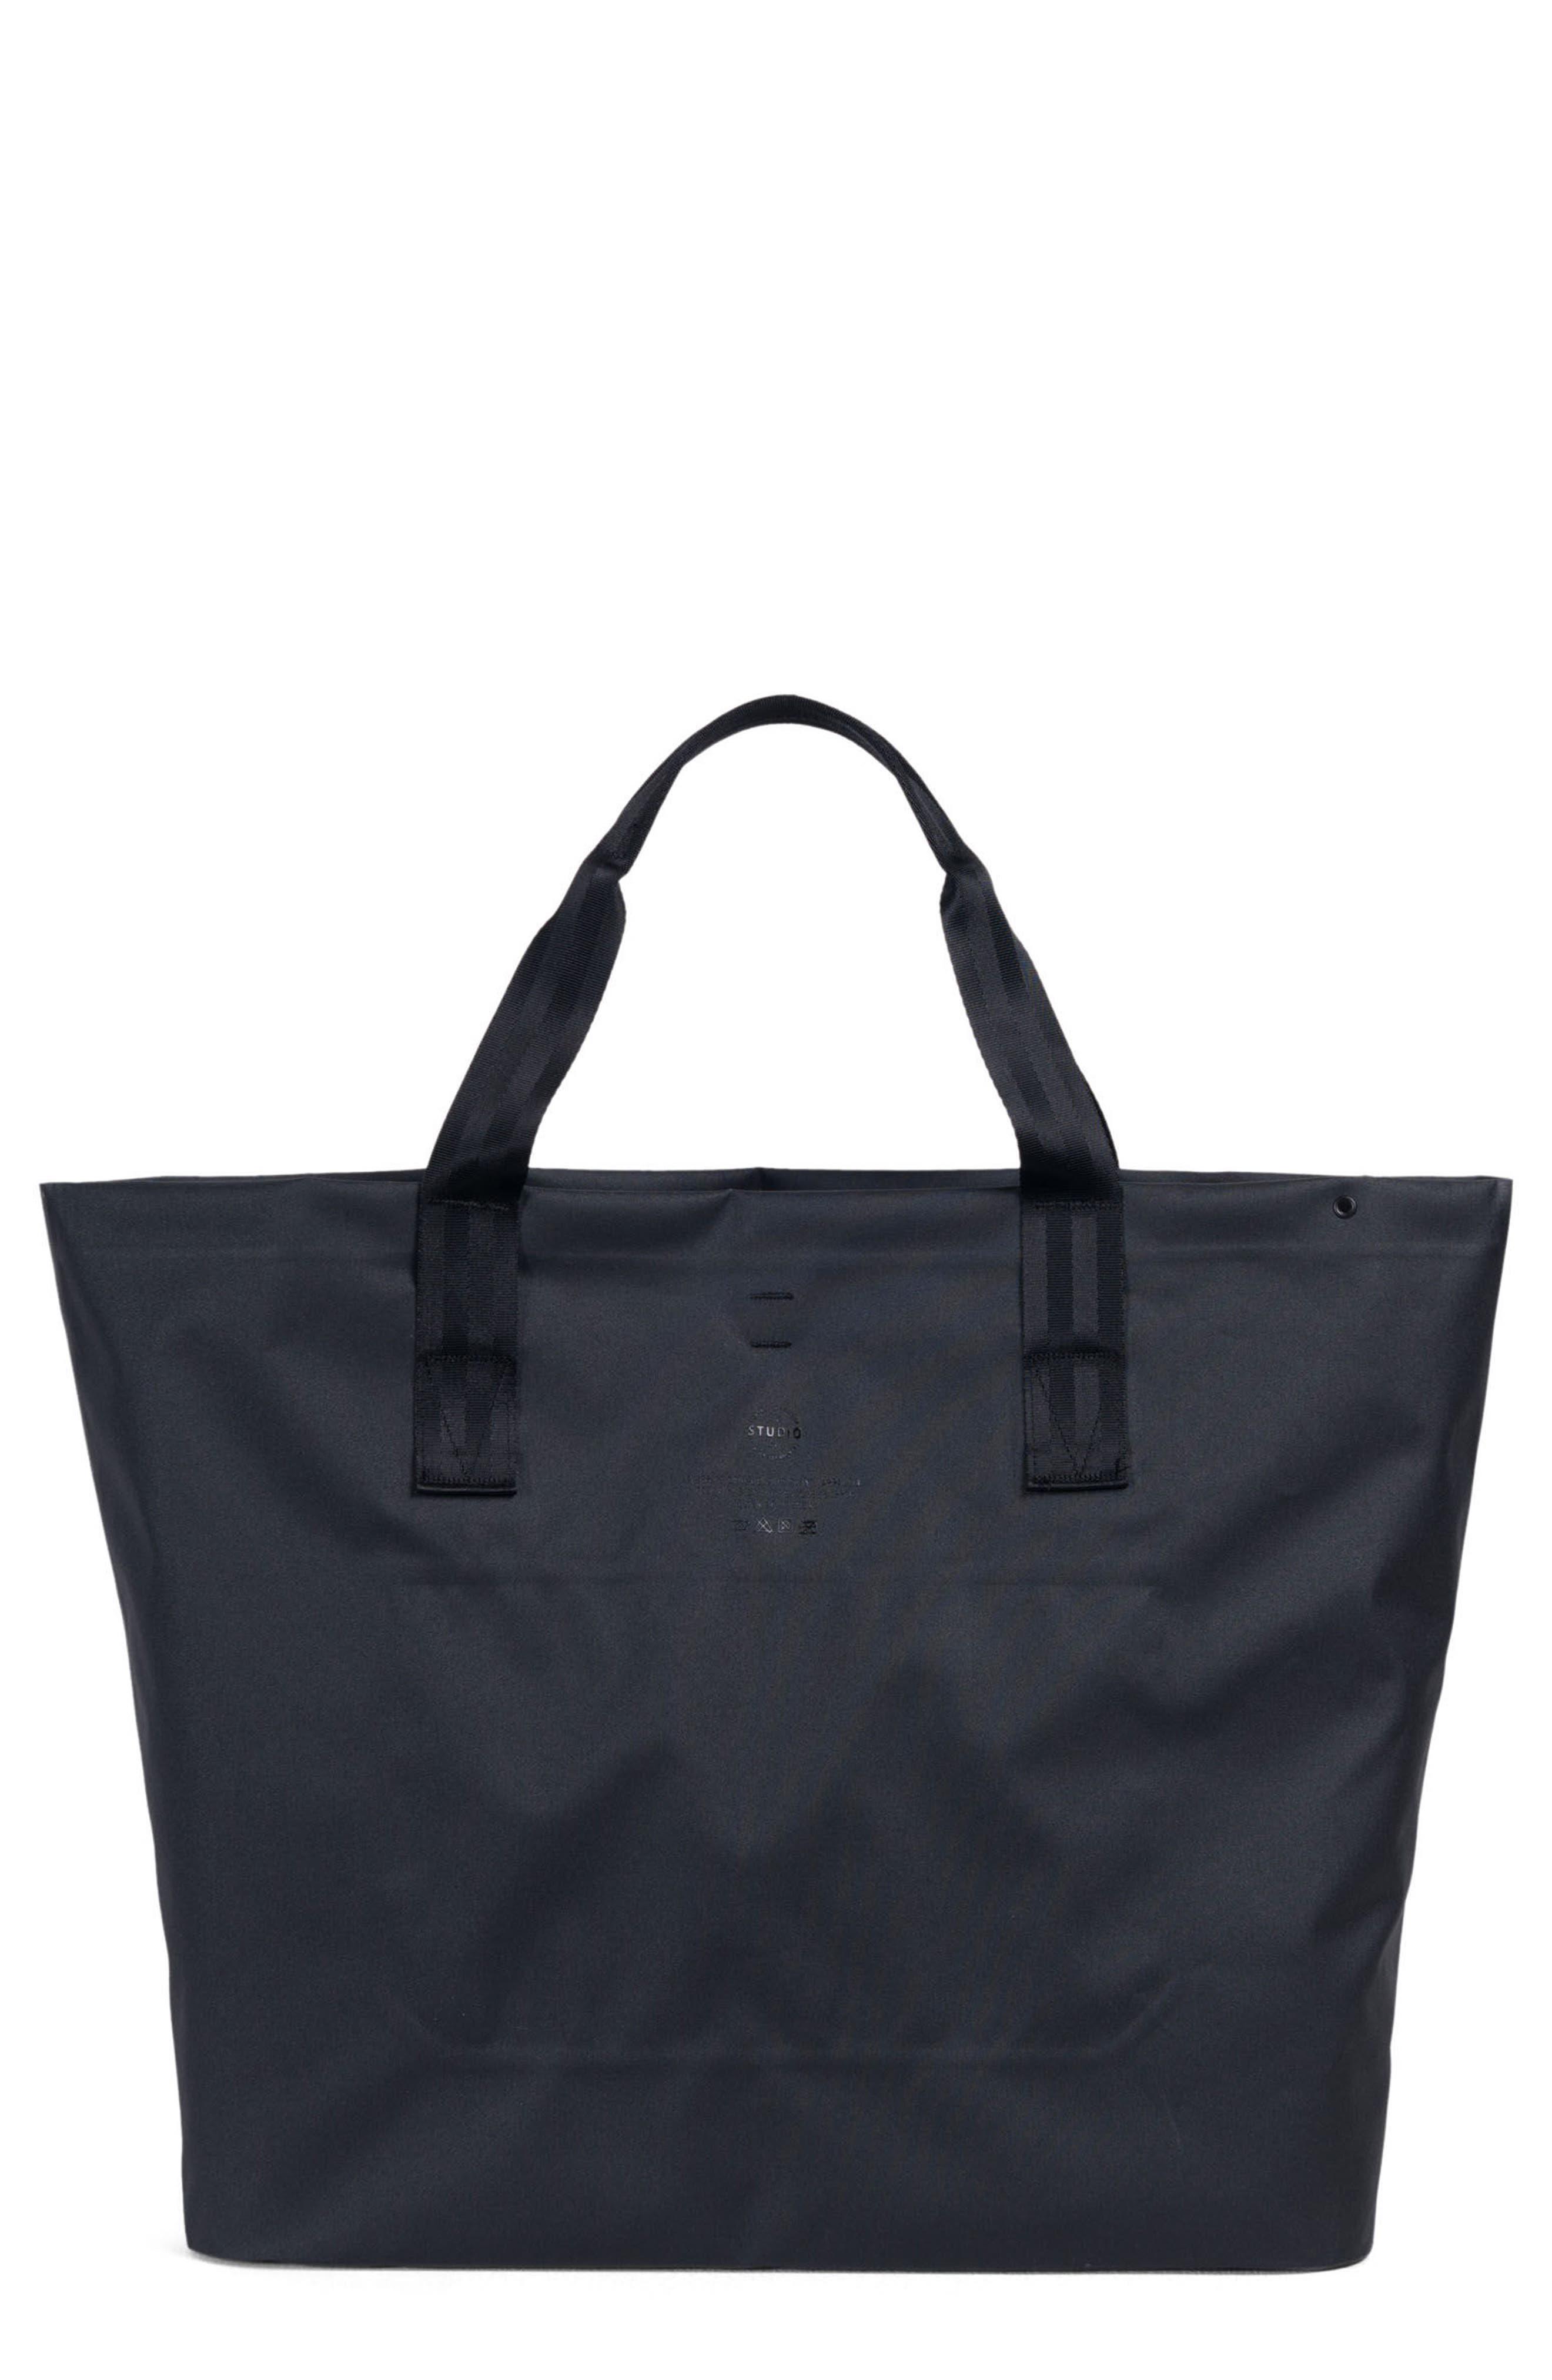 Tarpaulin Alexander Studio Tote Bag,                         Main,                         color, Black